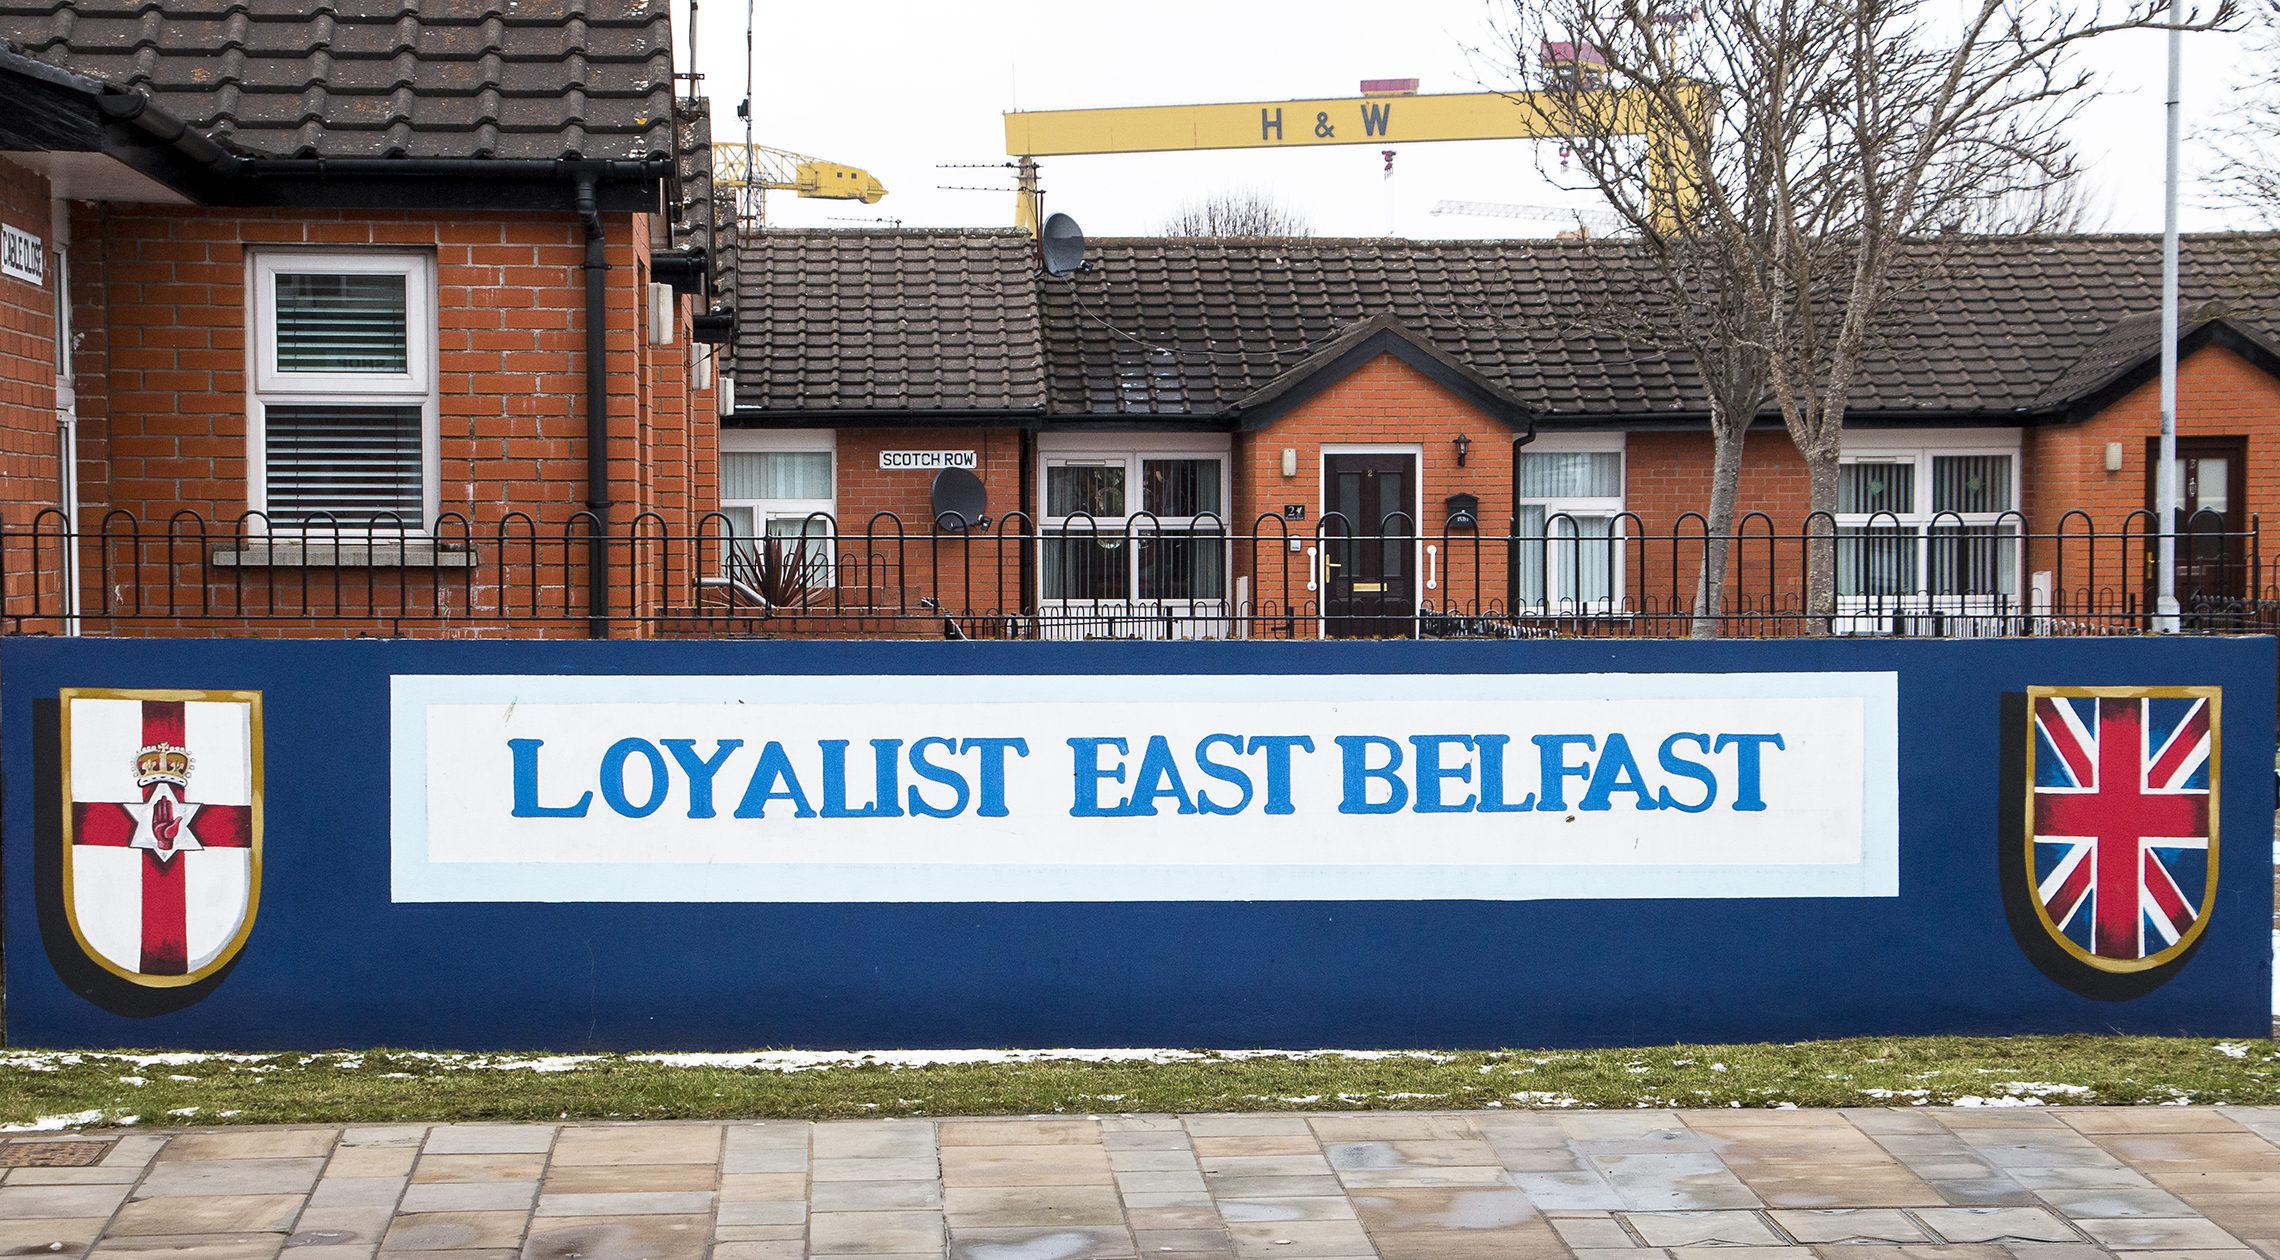 Itä-Belfast kuuluu lojalisteille. Ei jääne kenellekään epäselväksi.